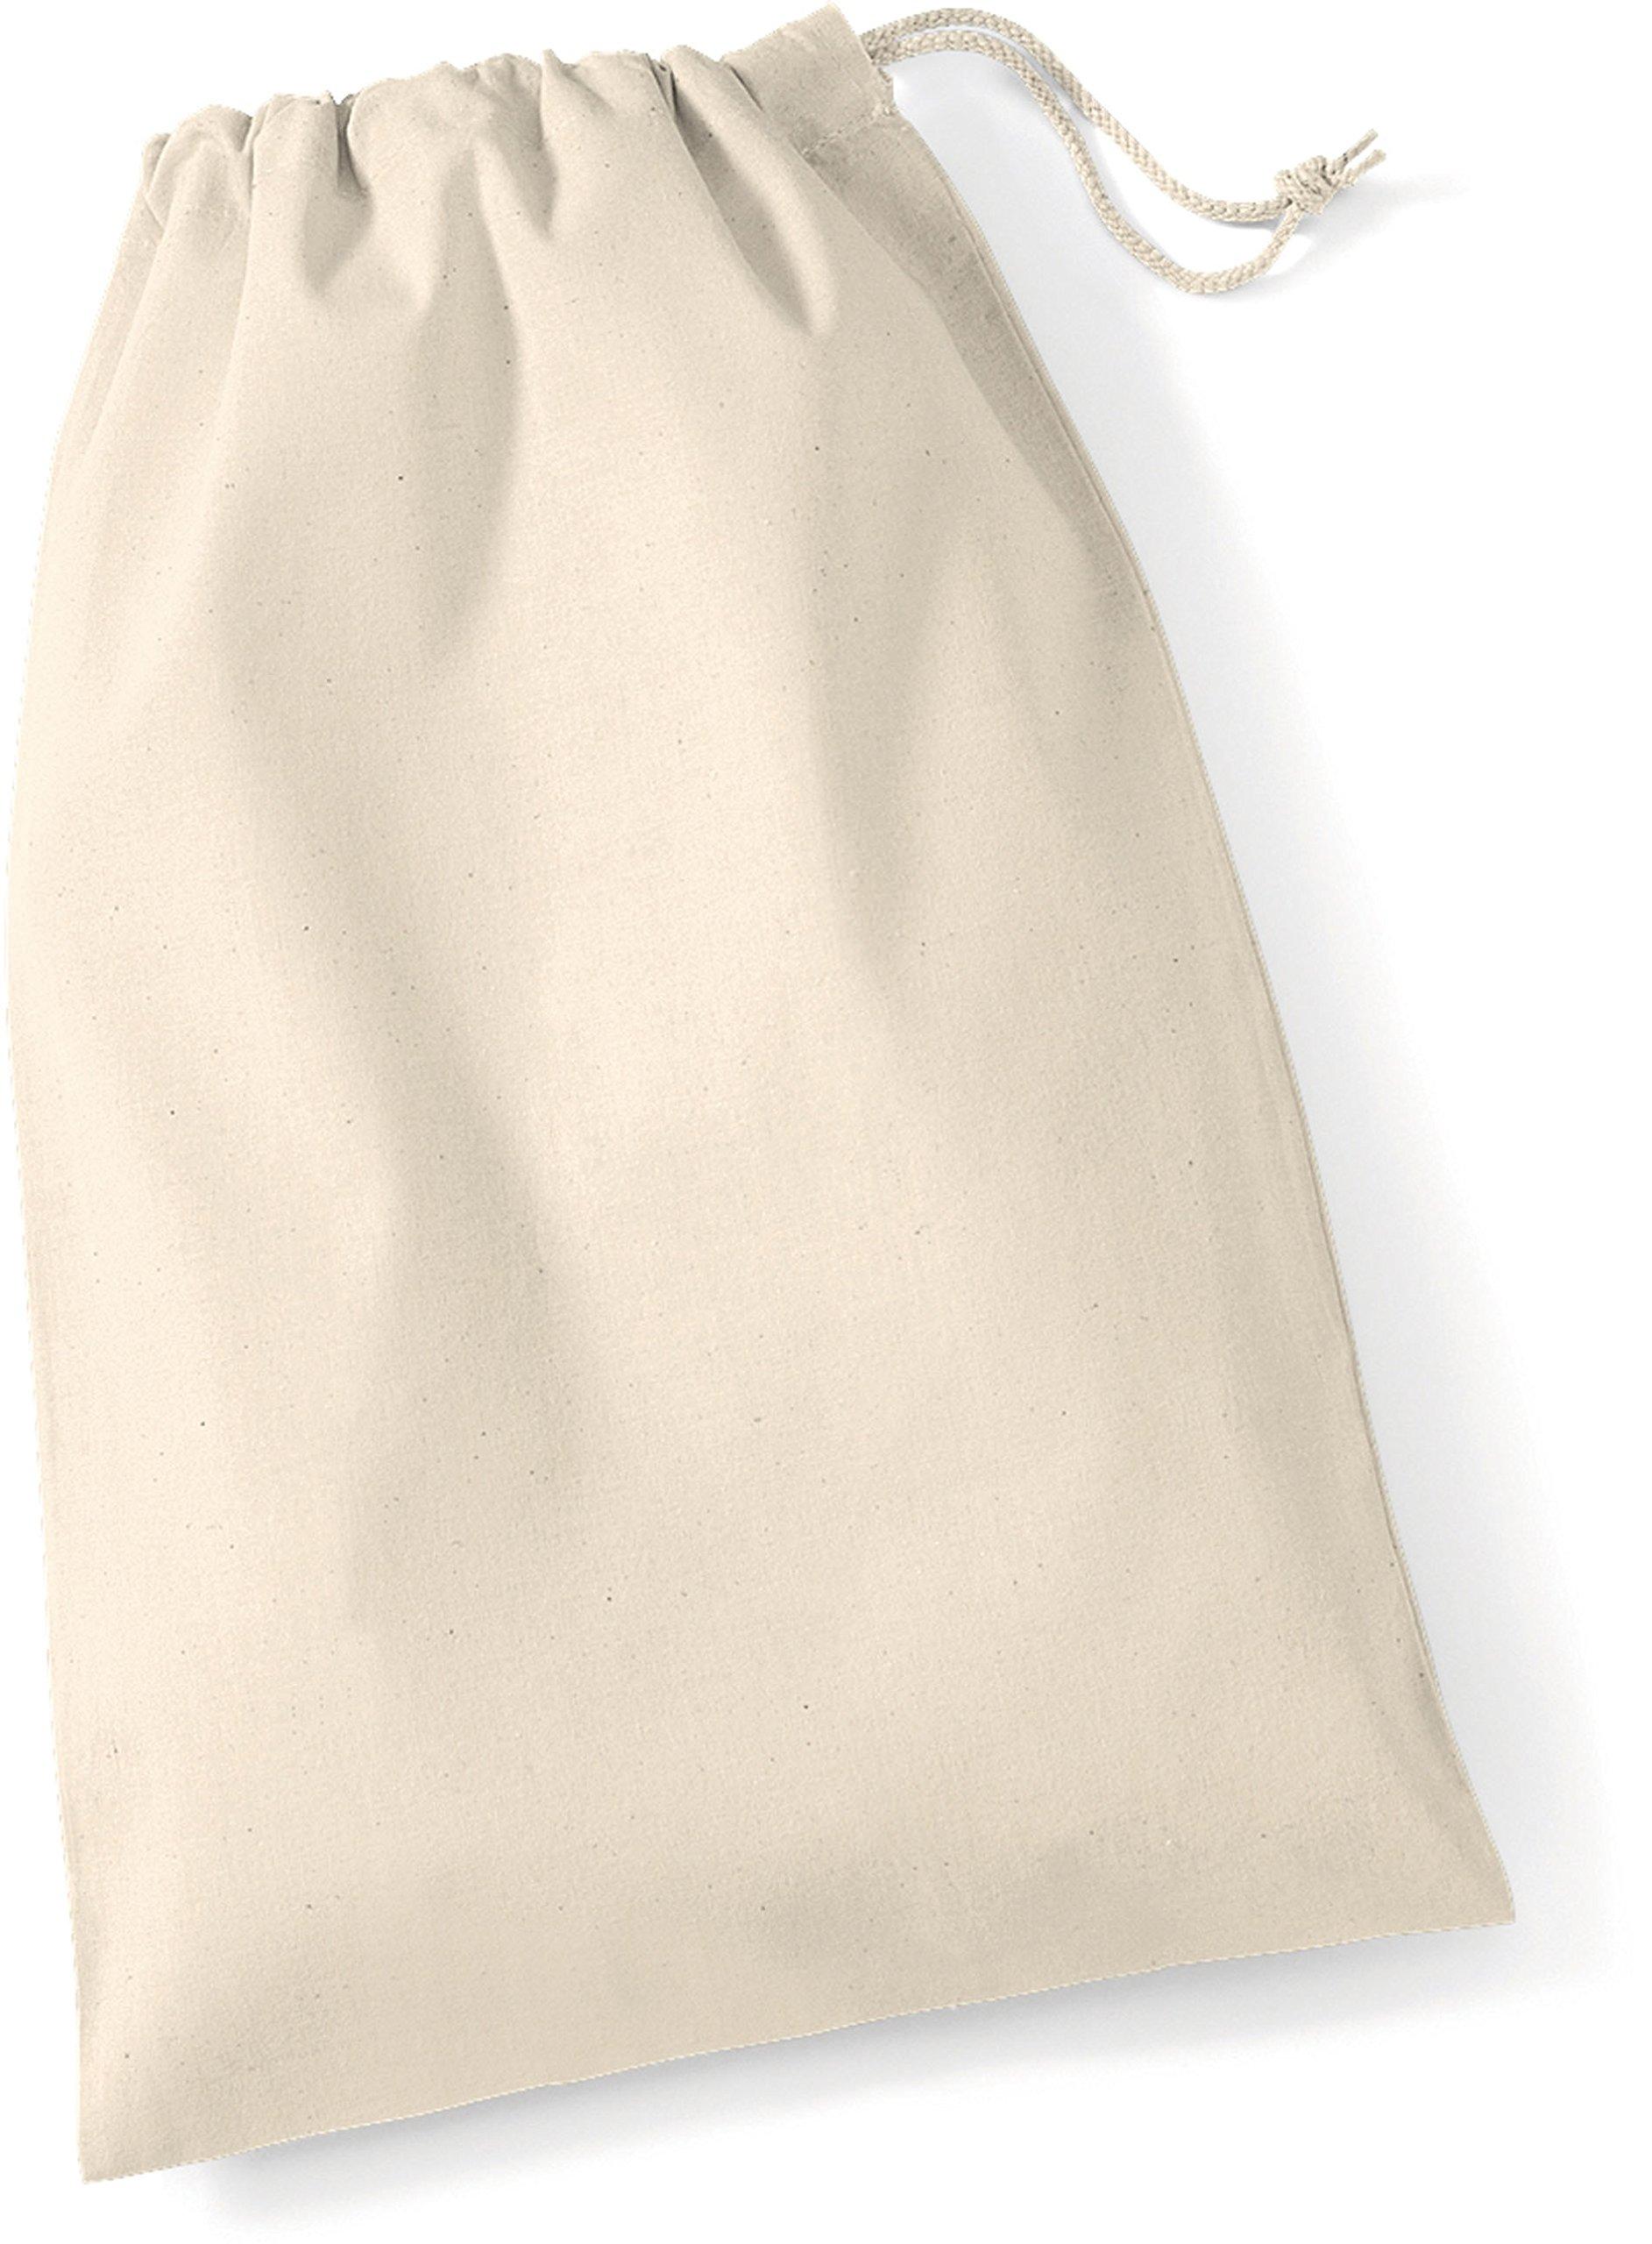 Cotton-Stuff-Bag-Stoffsack-aus-Baumwolle